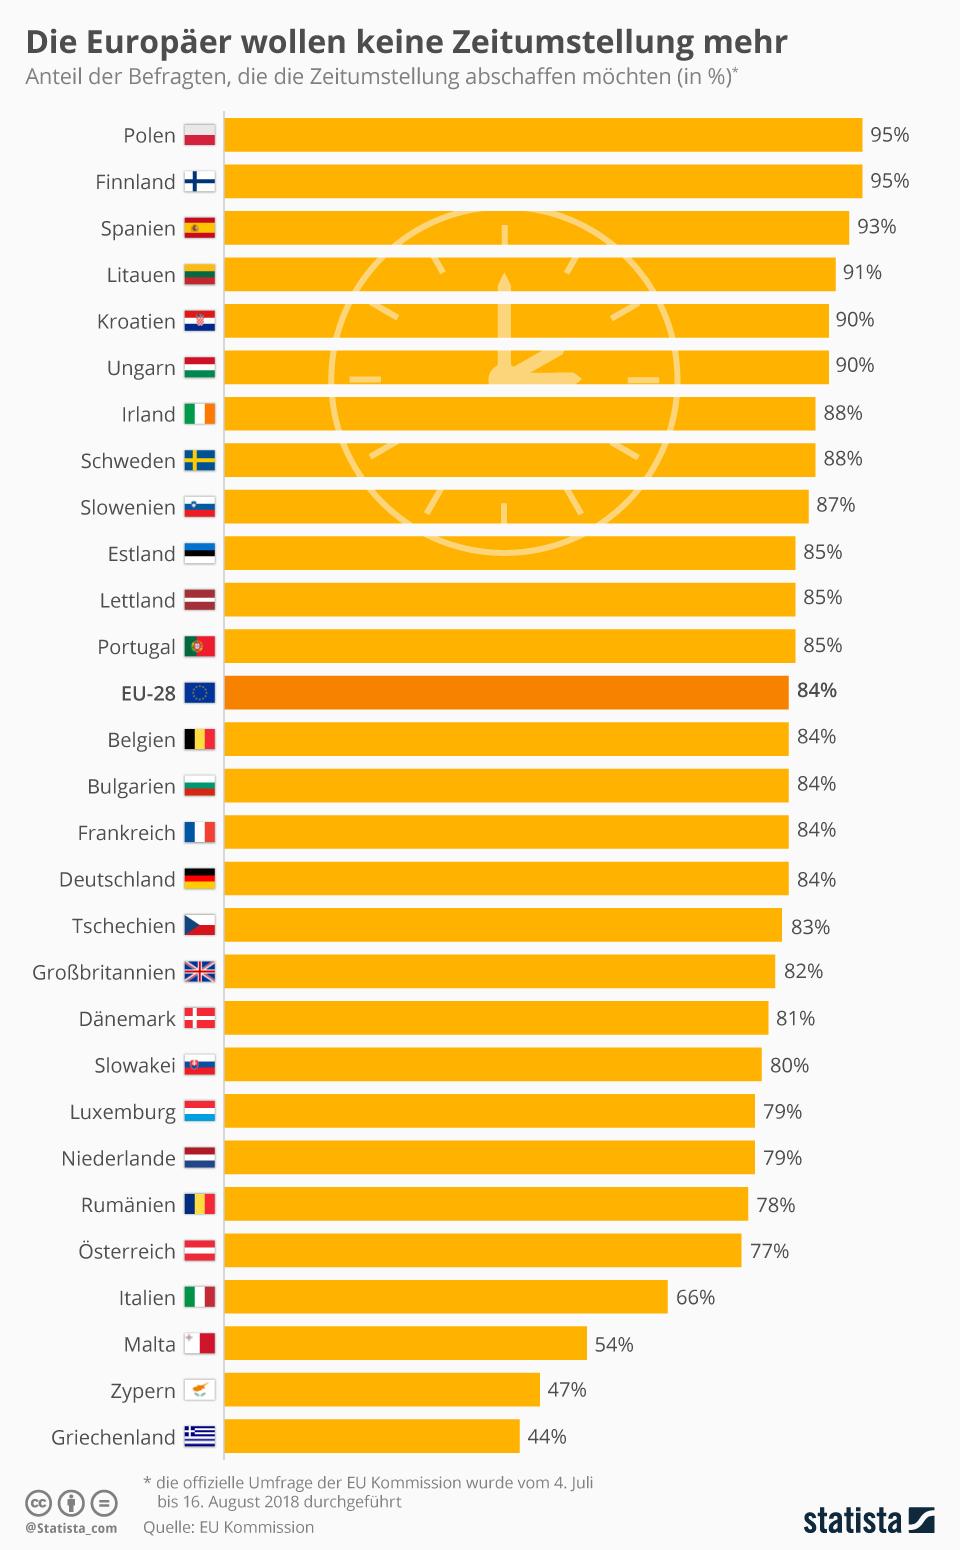 Infografik: Die Europäer wollen keine Zeitumstellung mehr | Statista